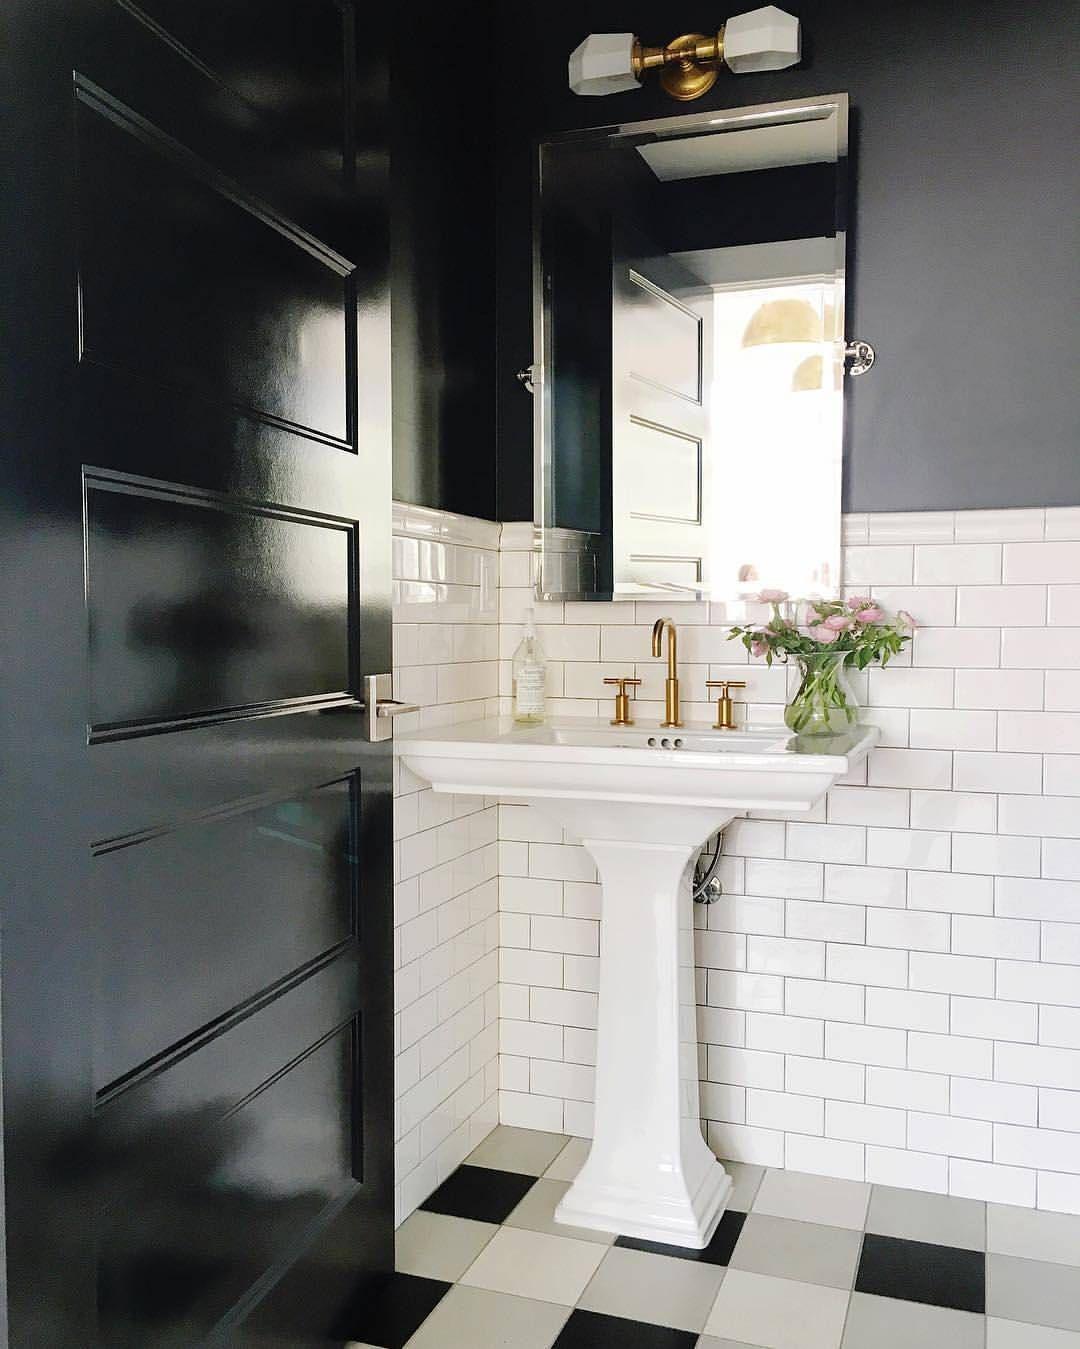 Lovely Luxus Hausrenovierung Tipps Fur Die Auswahl Der Richtigen Wasserhahn Fur Badezimmer #12: Erkunde Kleine Bäder Und Noch Mehr!